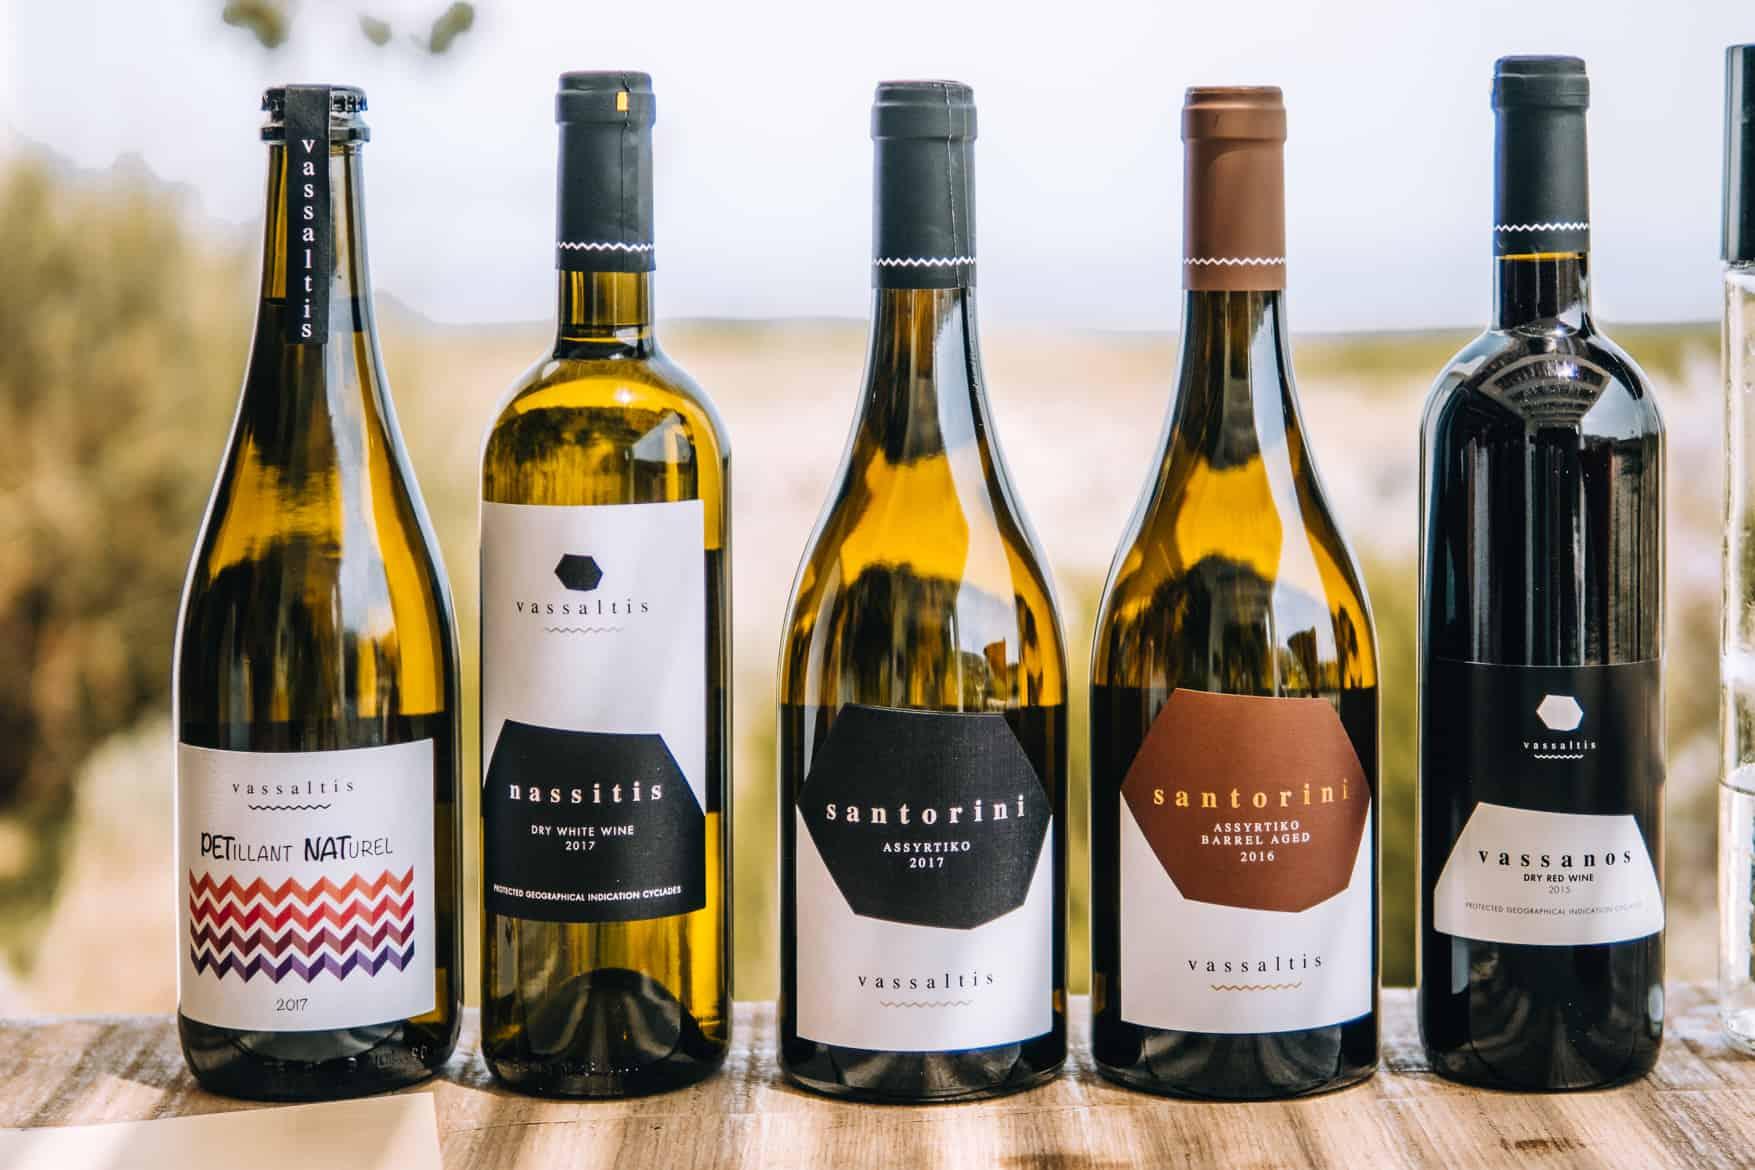 Santorini Travel Guide: Weinauswahl in der Vassalitis Winery